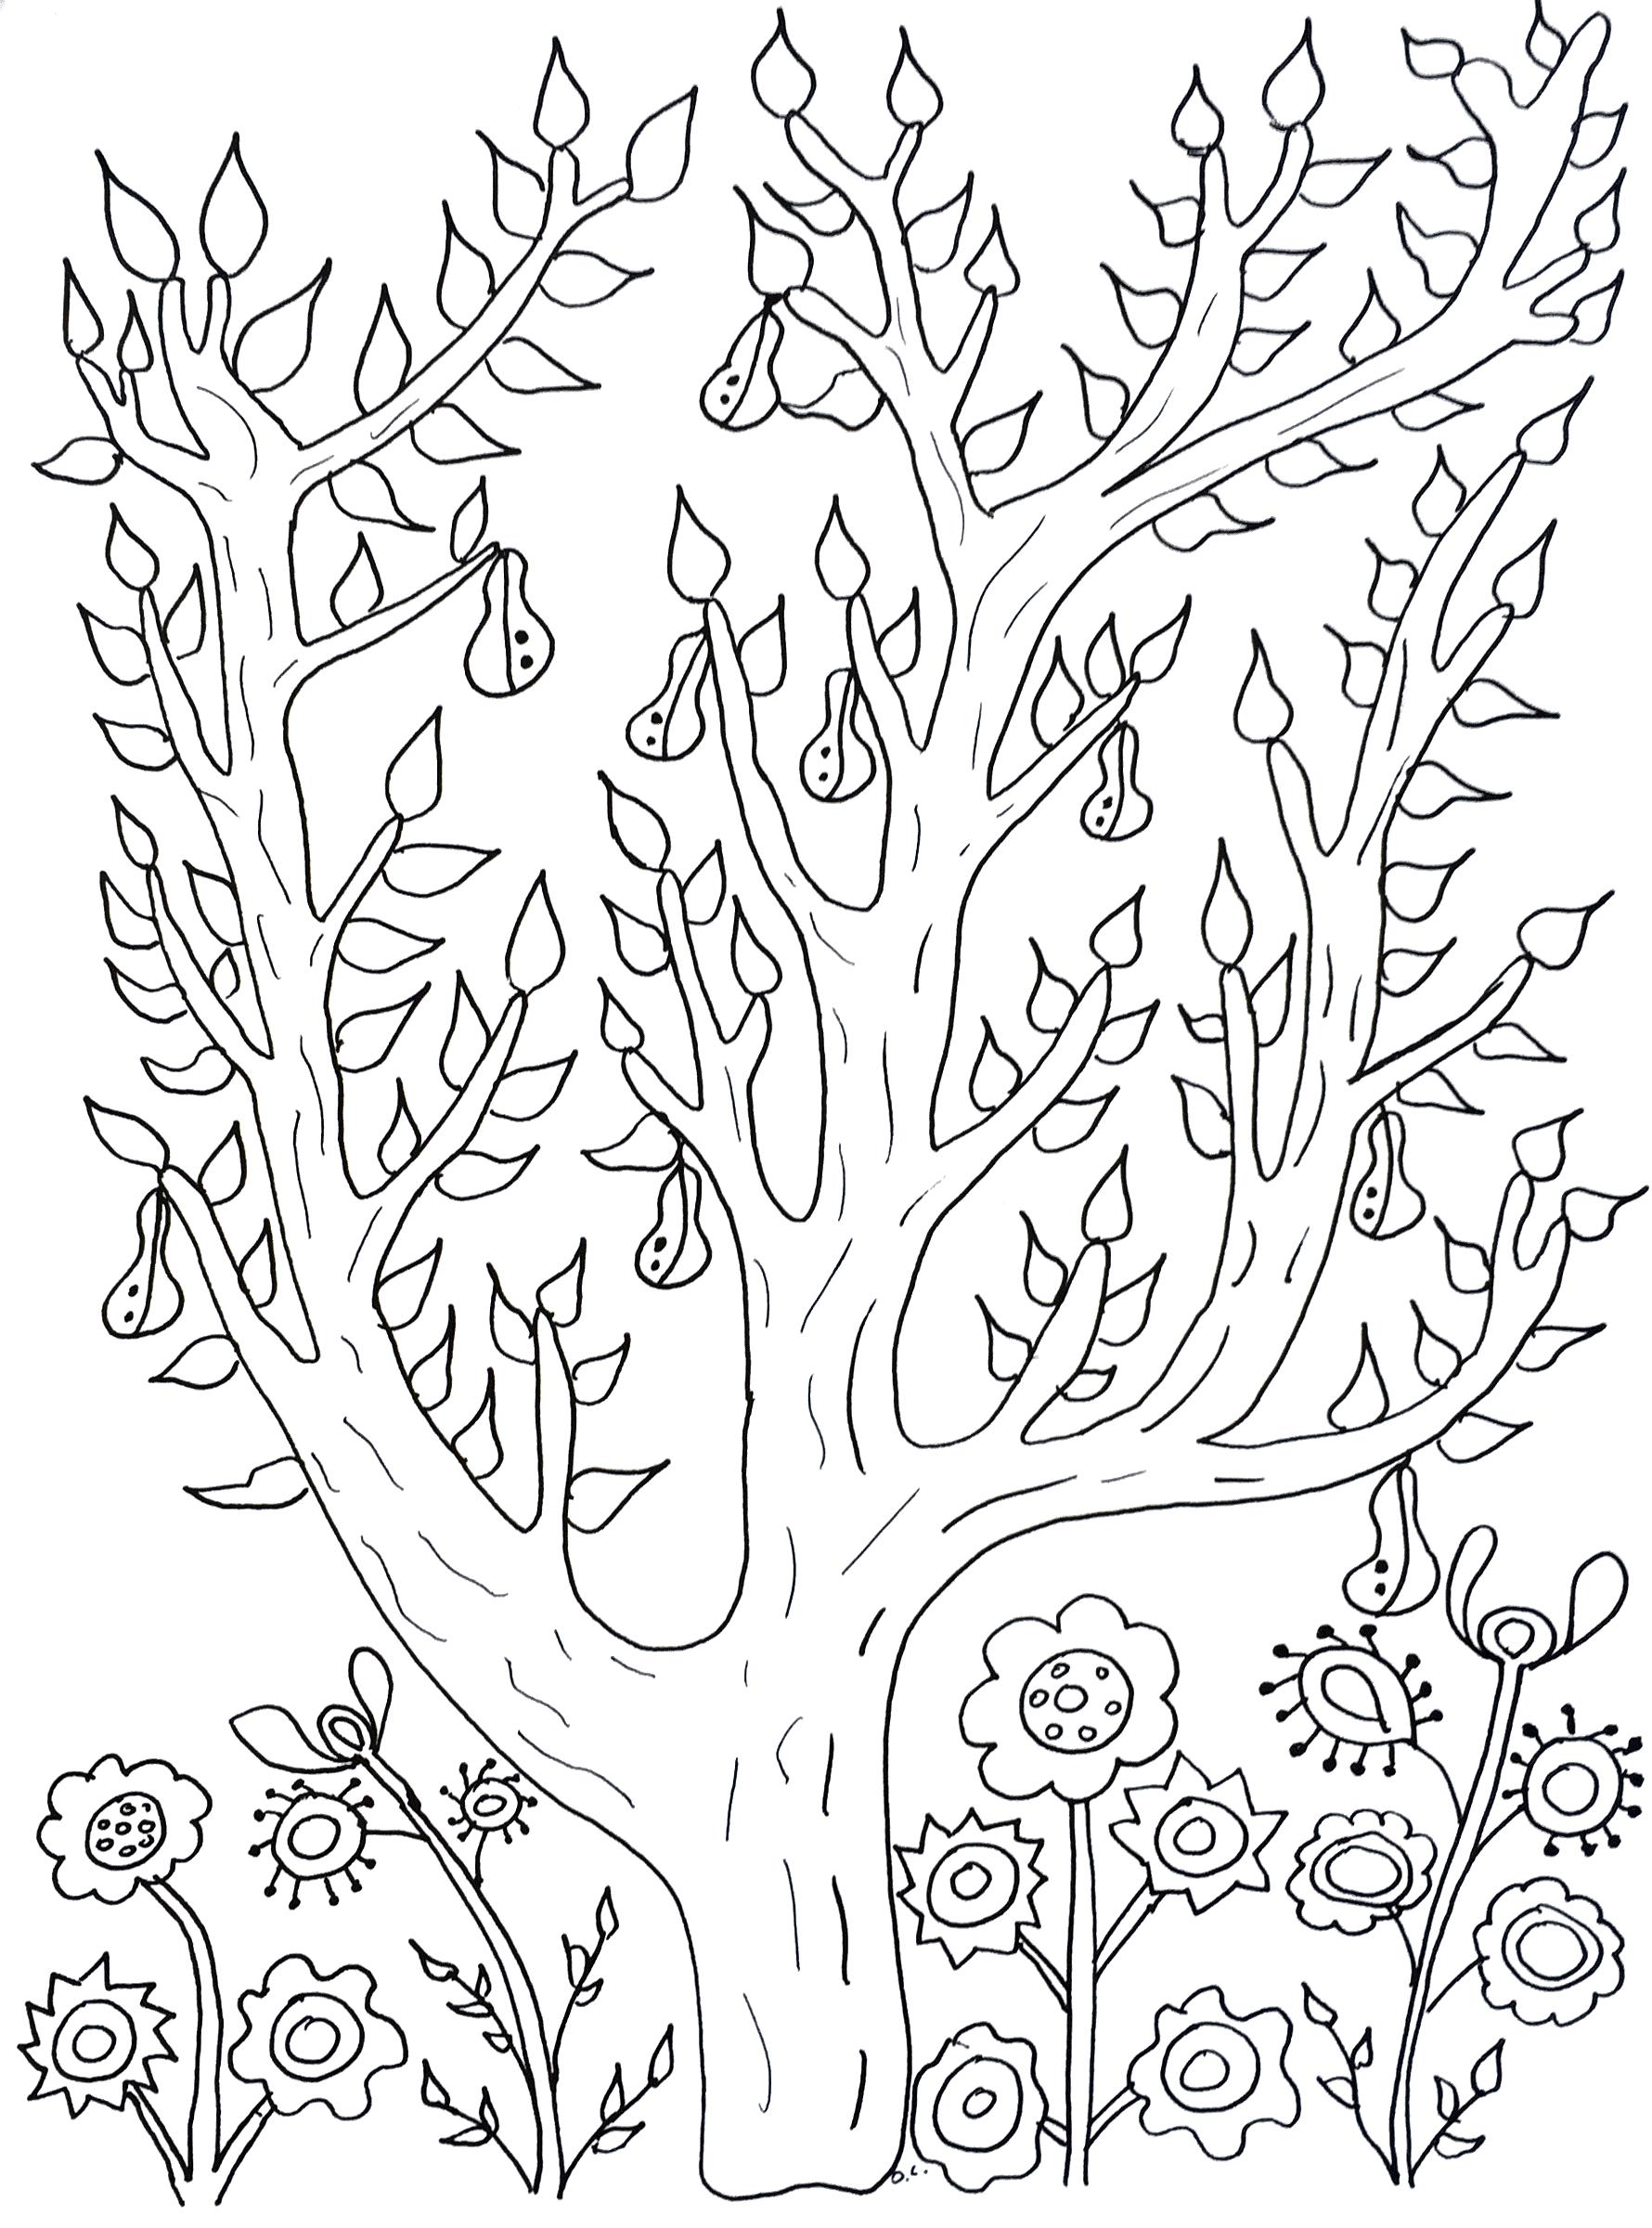 Coloriage Arbre Dolive.Joli Poirier Fleurs Et Vegetation Coloriages Difficiles Pour Adultes